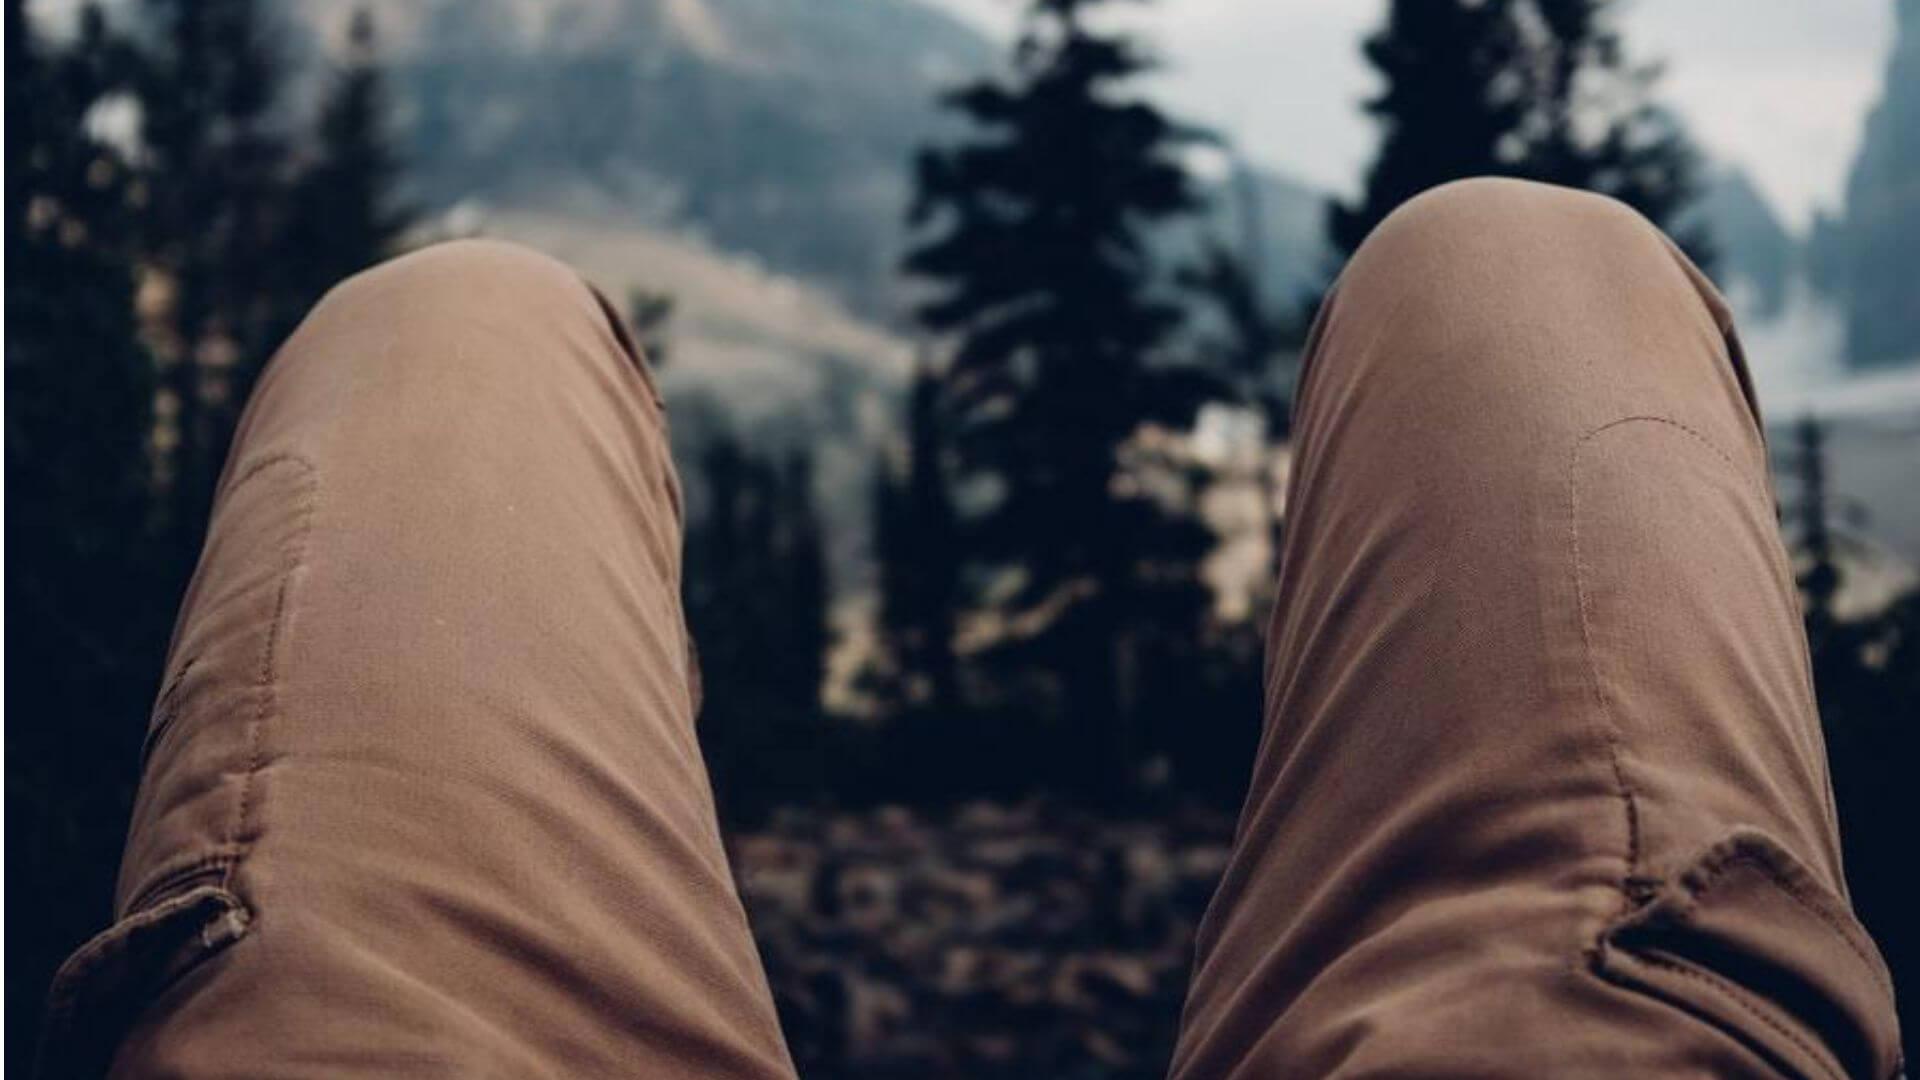 Los Mejores Pantalones De Trekking 2021 Cuales Comprar